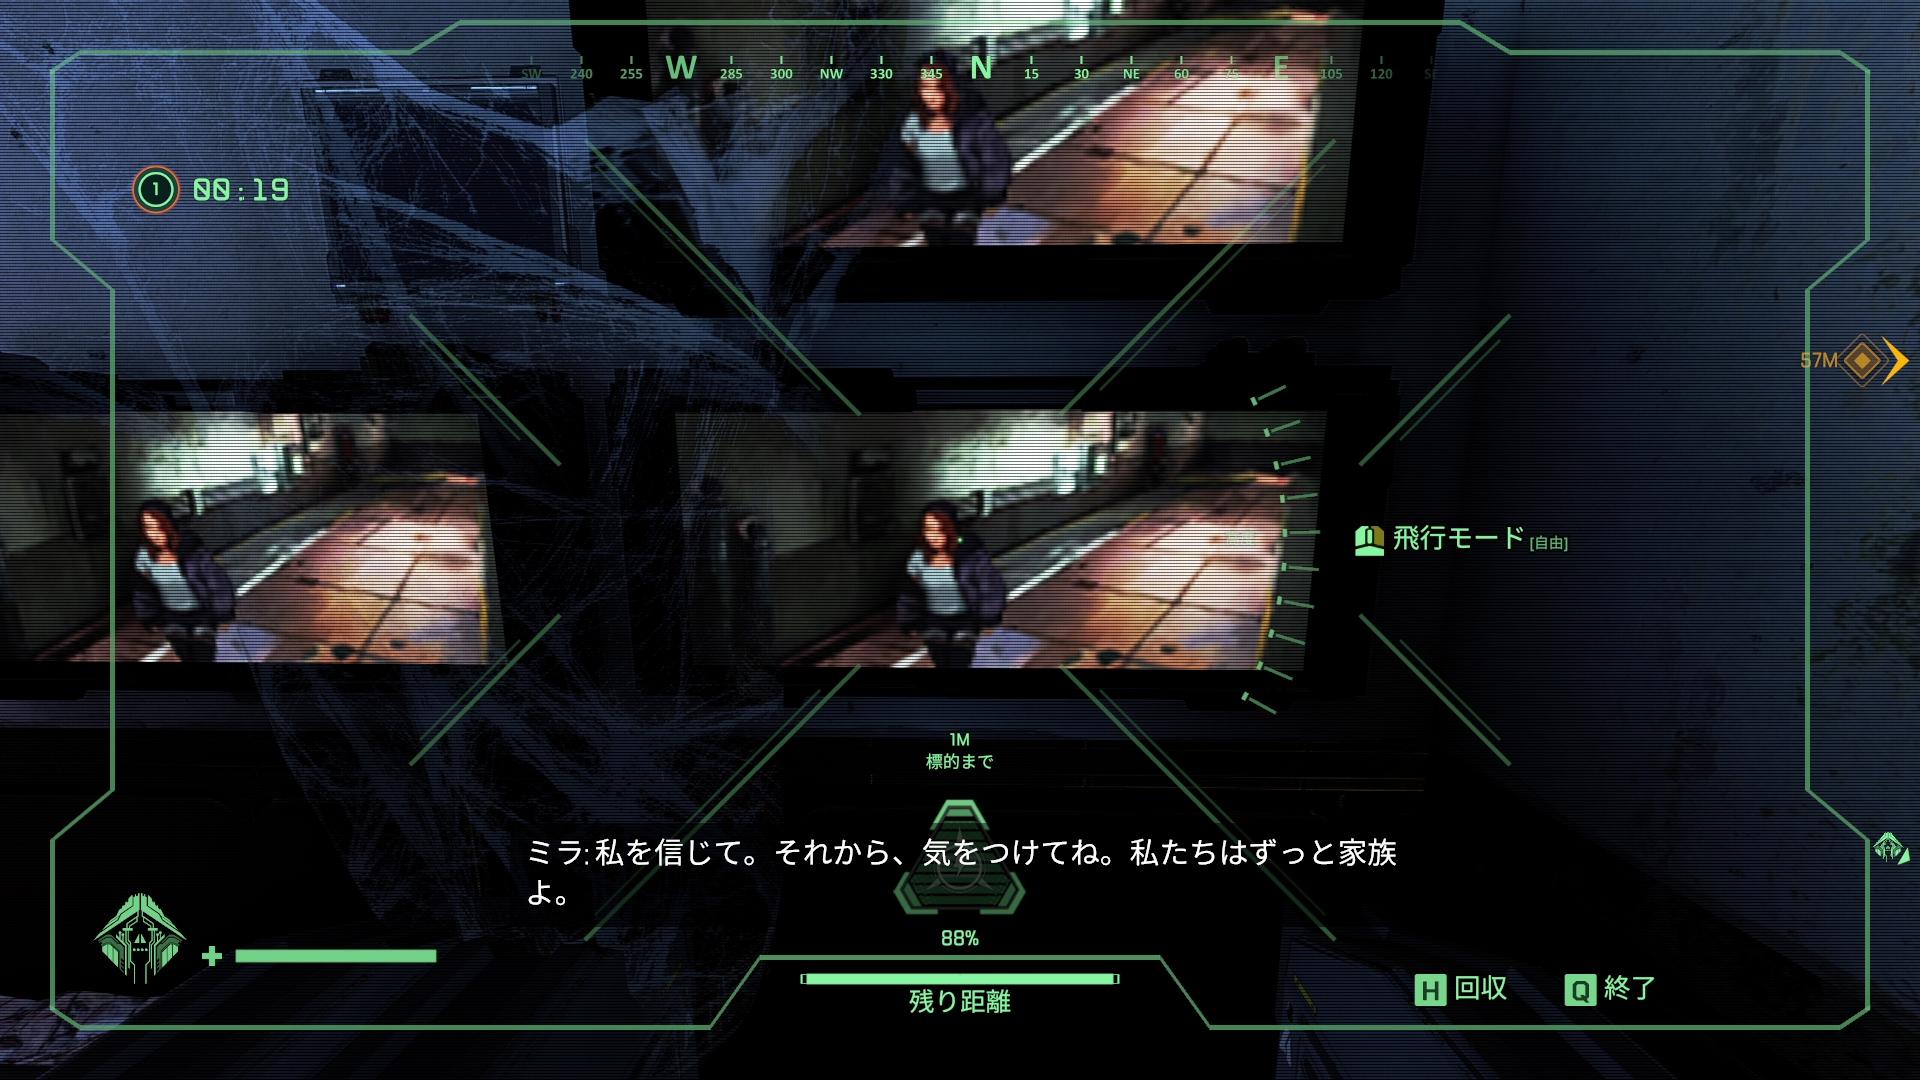 【動画あり】クリプトに関する「最後のメッセージ」がゲーム内に追加!!「スラムレイク」の地下ハッチが新たに開くようになり「金ハボック」が確定出現するように